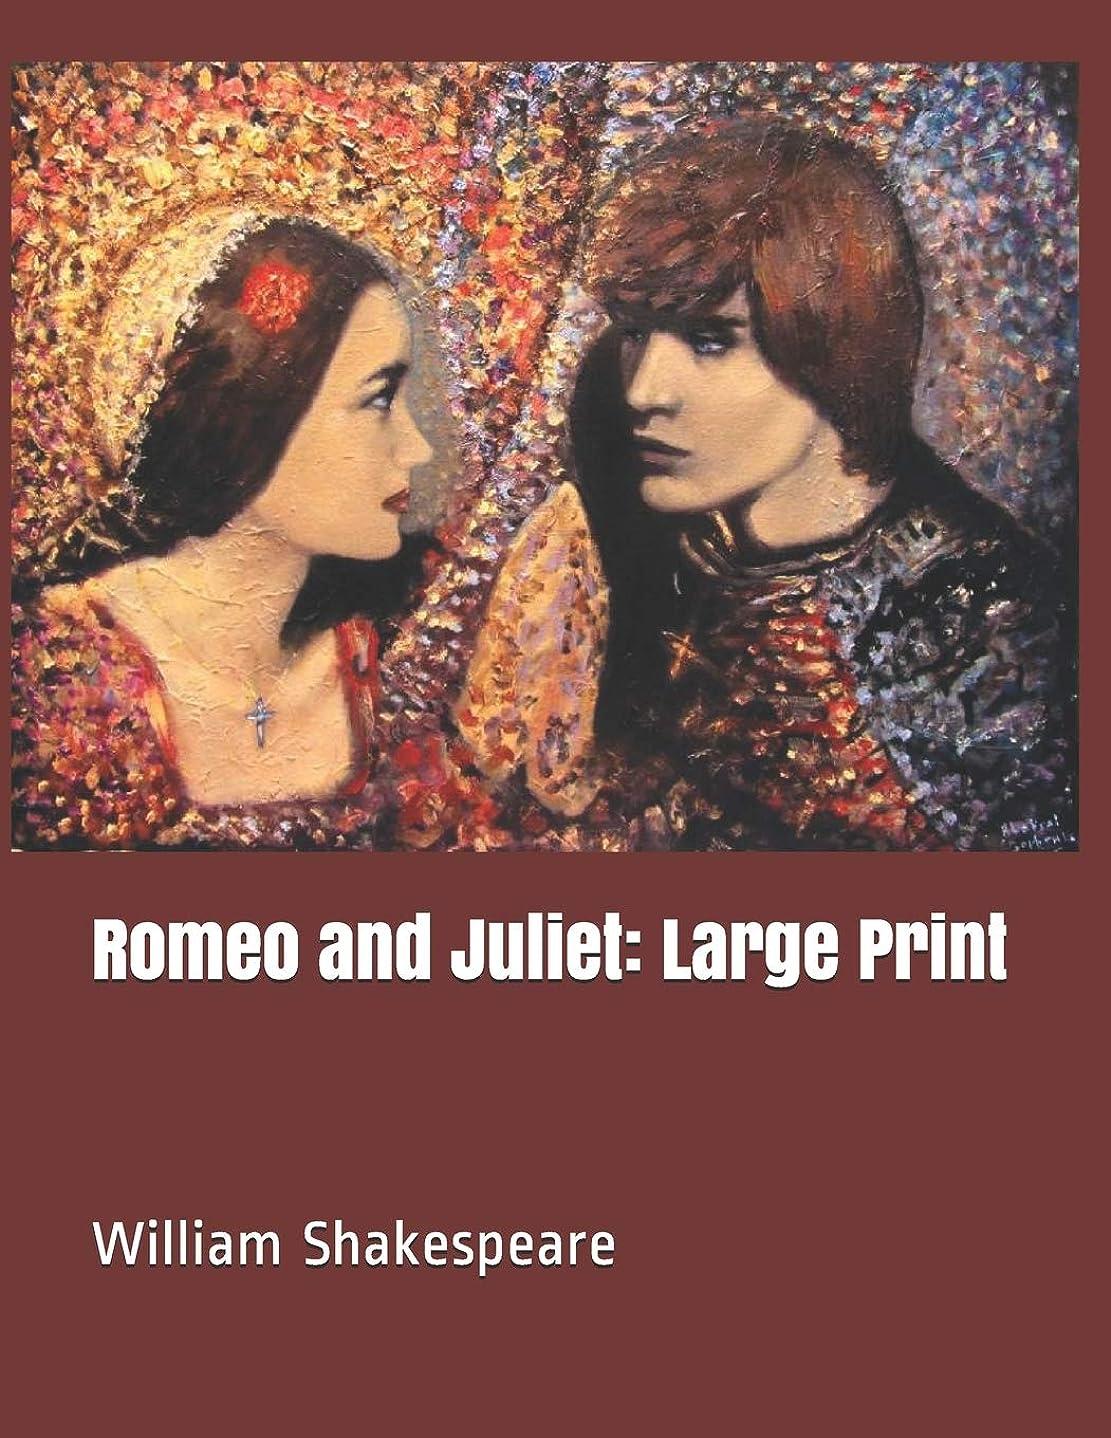 大工原因偽造Romeo and Juliet: Large Print